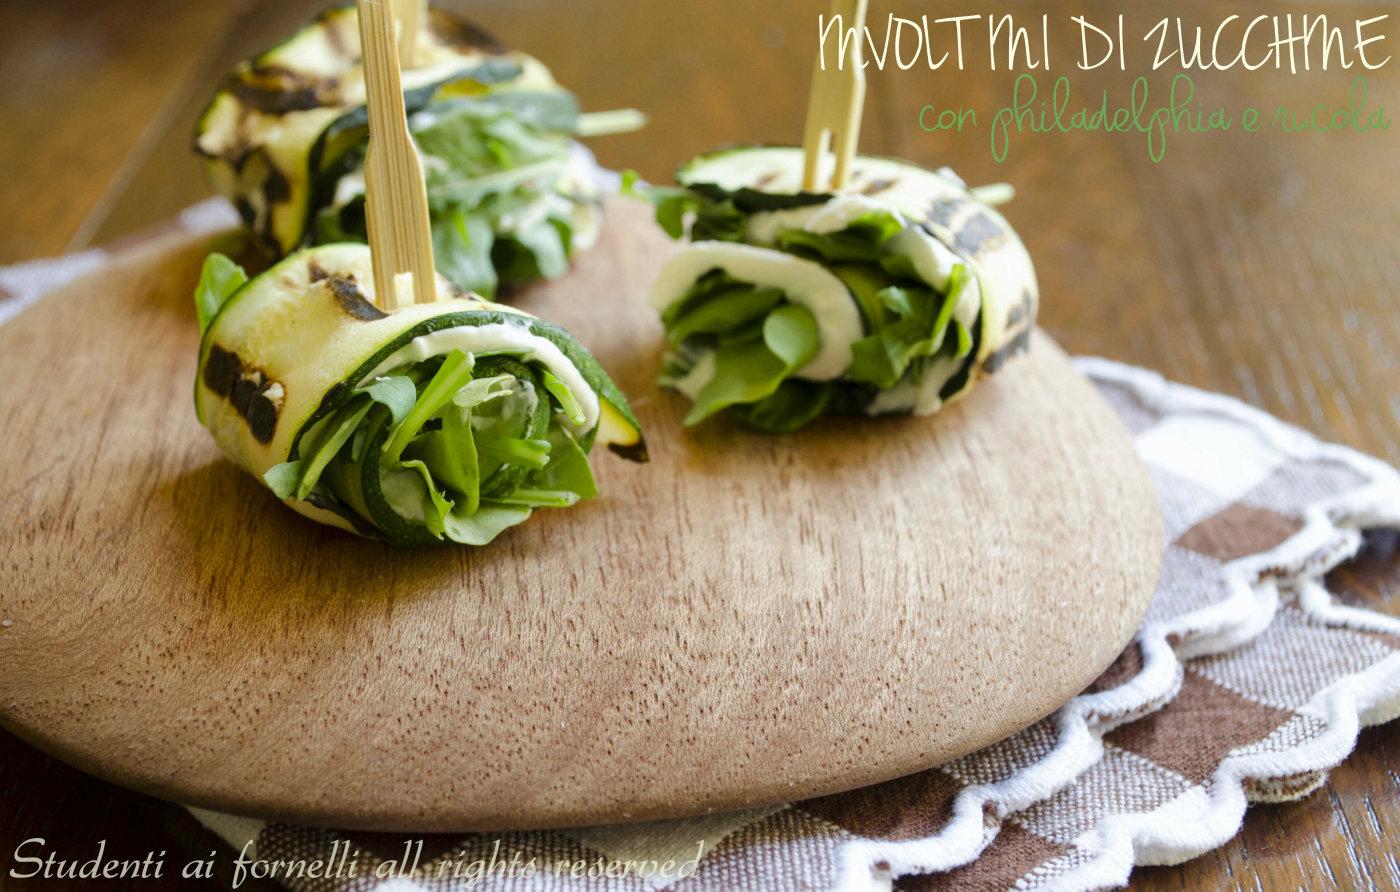 Involtini di zucchine philadelphia e rucola ricetta antipasto for Cucinare vegetariano